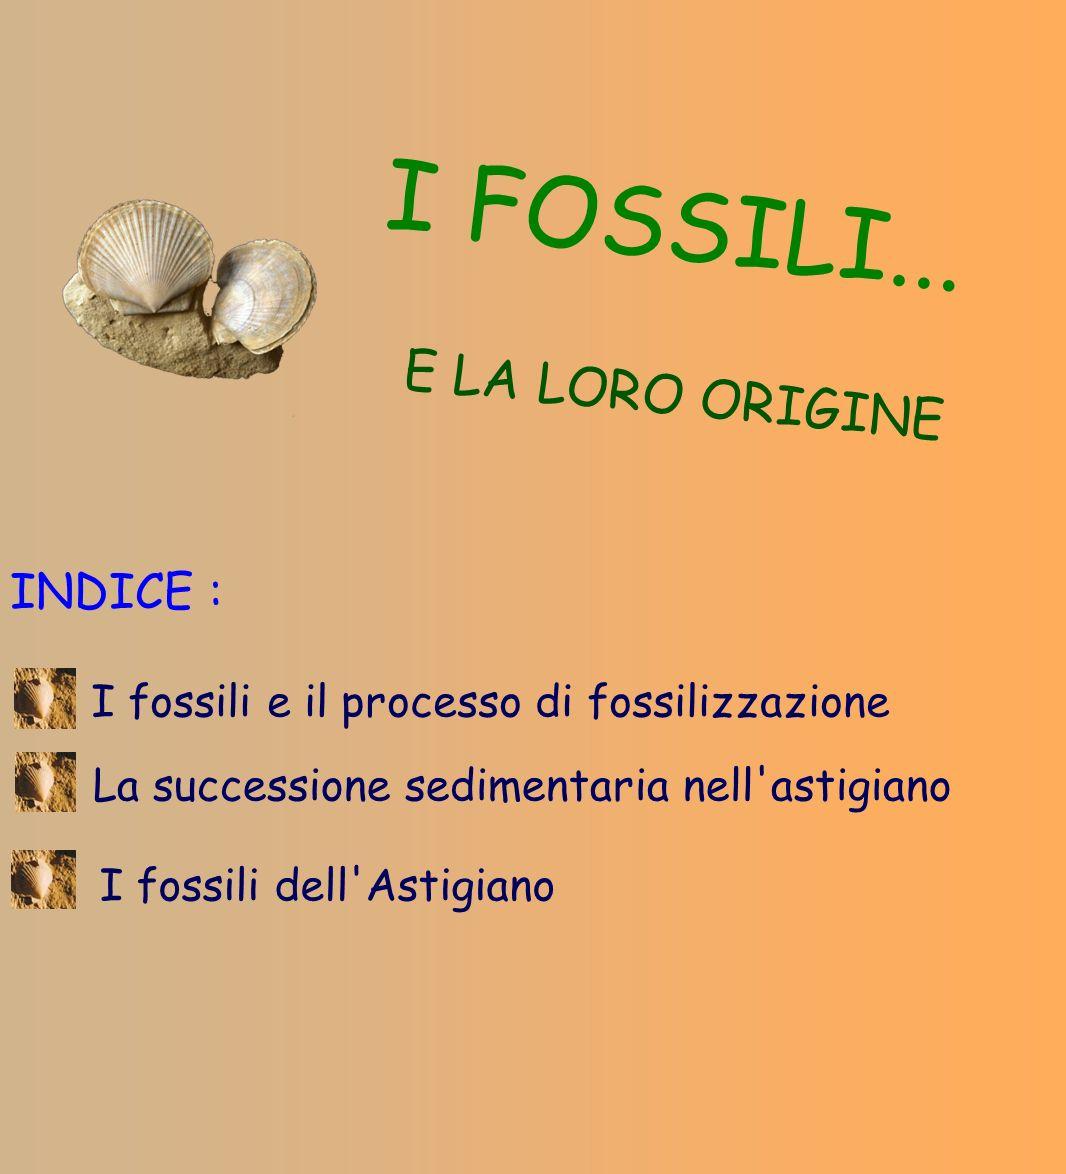 I FOSSILI sono resti o tracce di organismi vissuti nel passato Sono contenuti nelle Rocce sedimentarie Alcuni, chiamati ICNOFOSSILI, Segni della attività biologica Fossile è una parola derivata dal latino foedére che significa scavare e indica appunto ciò che si ottiene scavando La scienza che studia i fossili, si chiama Paleontologia sono